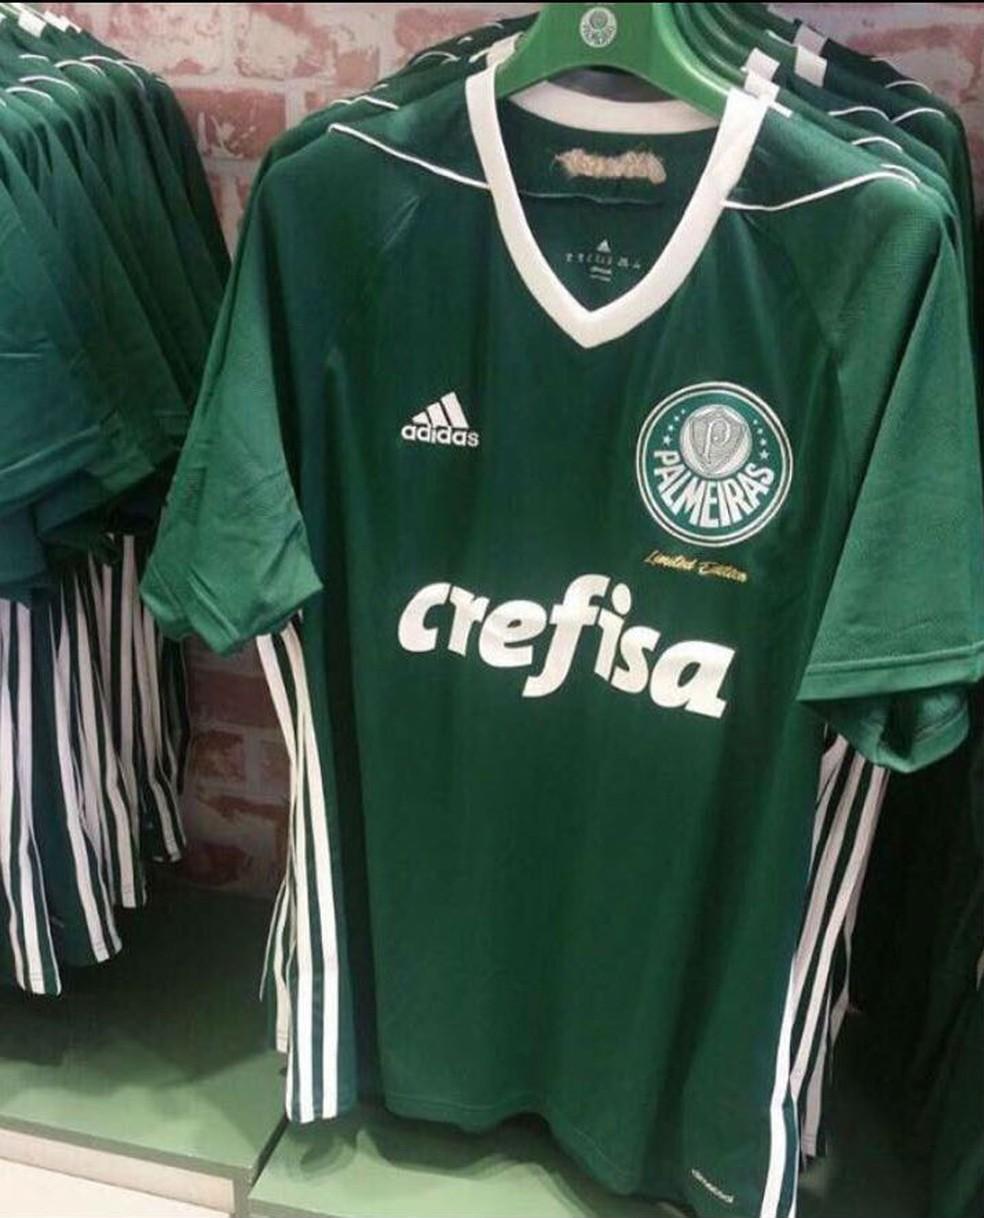 dfd3fdefd661b Fornecedora cria camisa para torcida do Palmeiras com alusão à ...